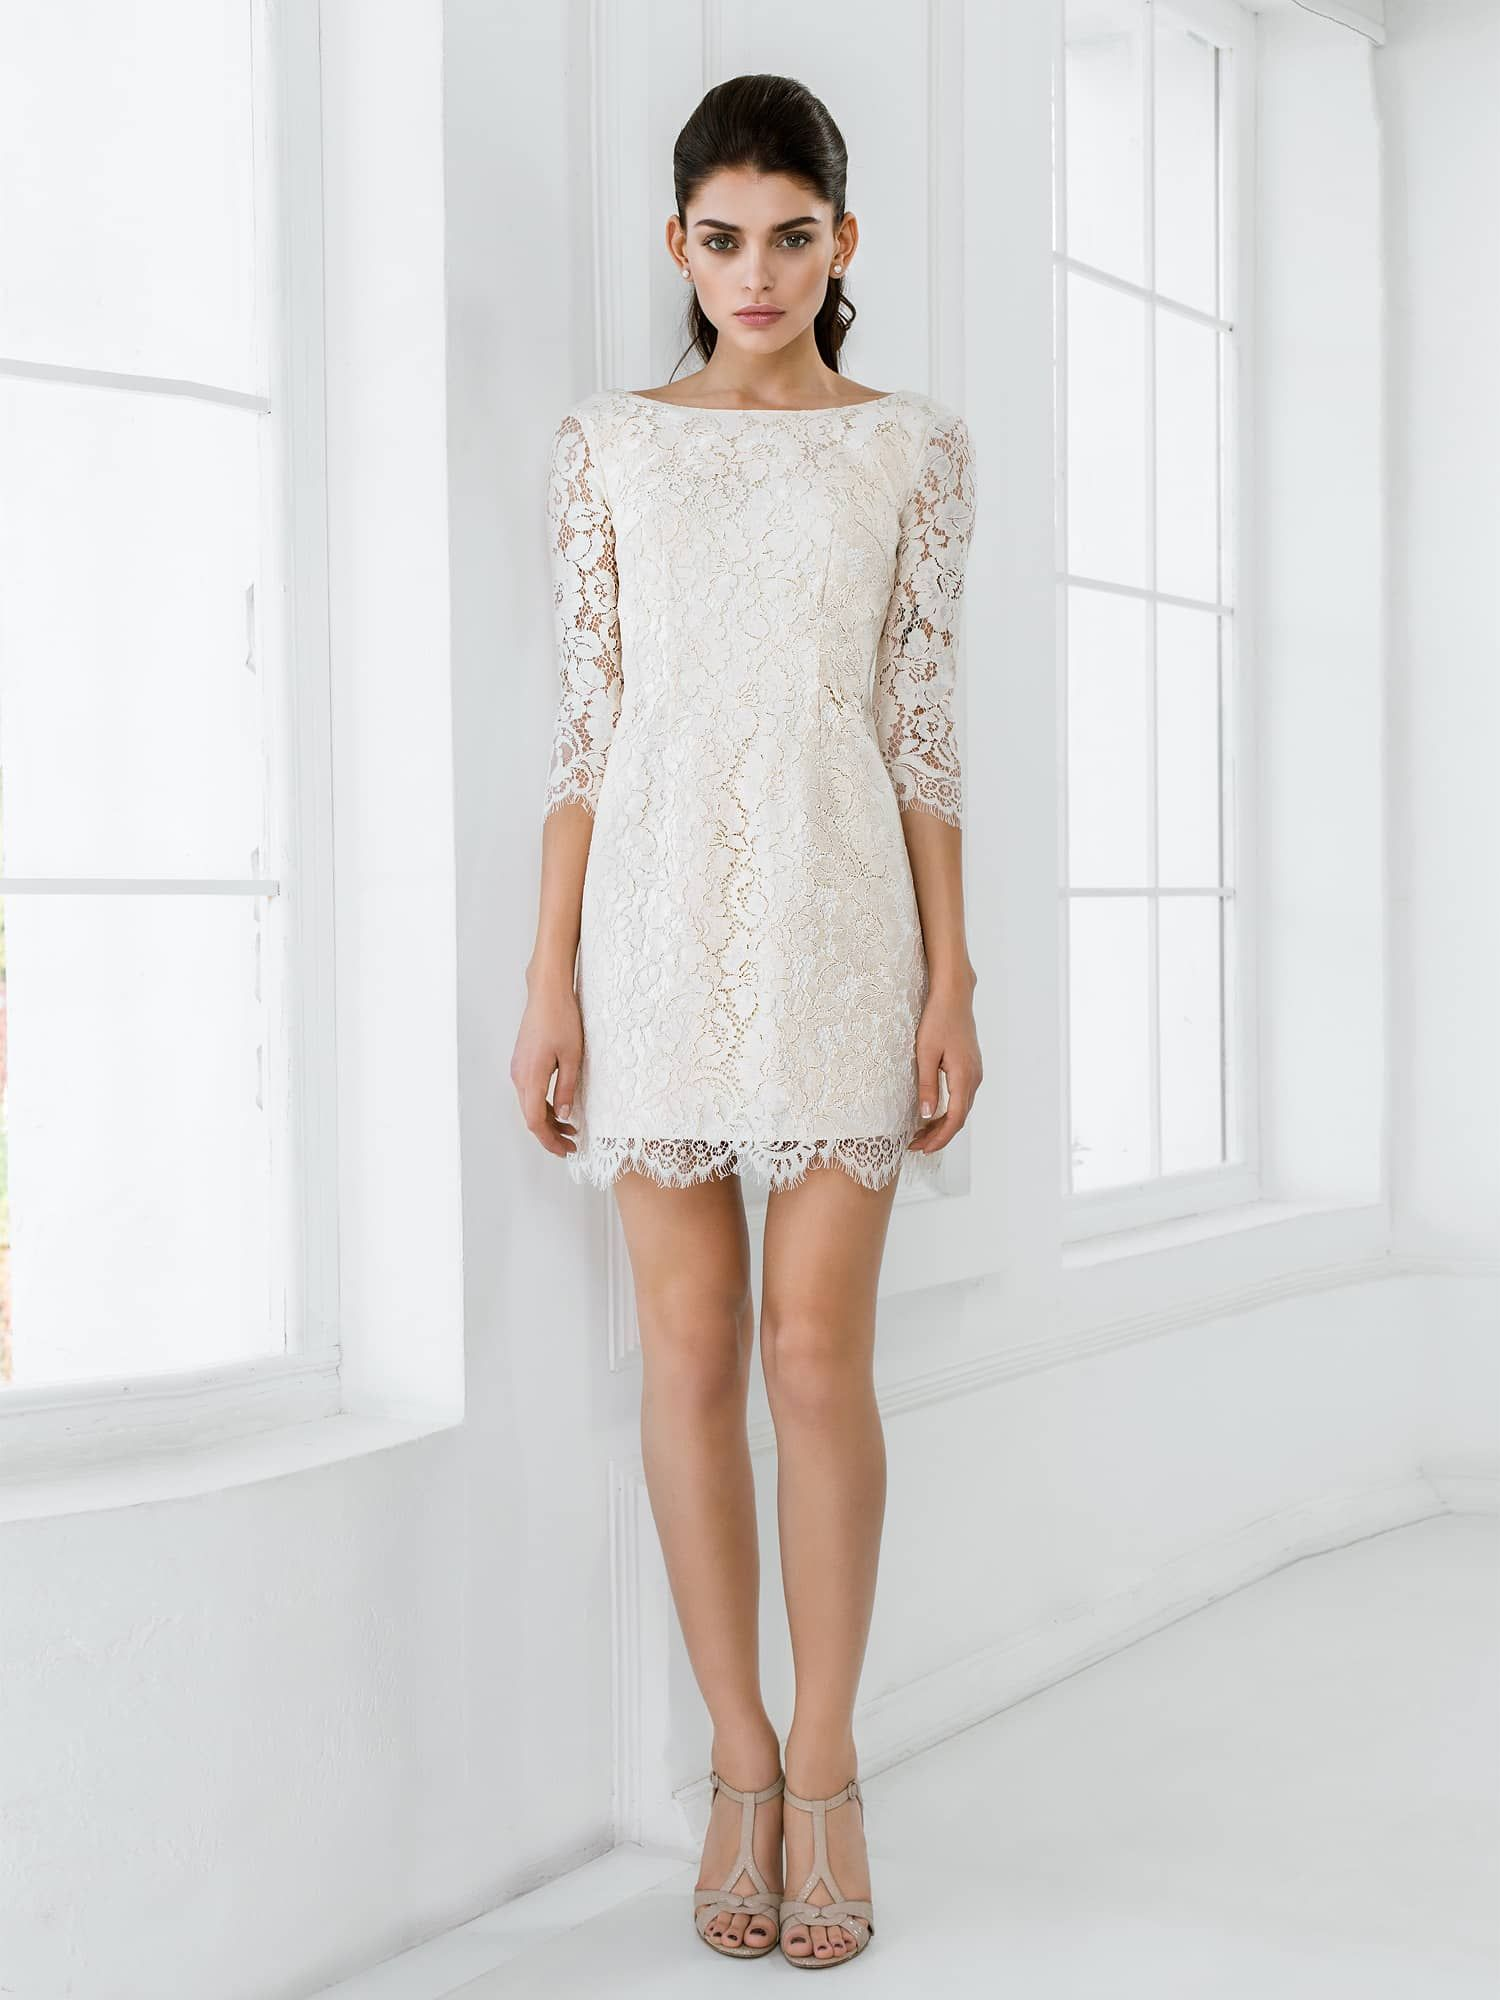 c43d103667a Белое кружевное платье  100+ фото модных фасонов